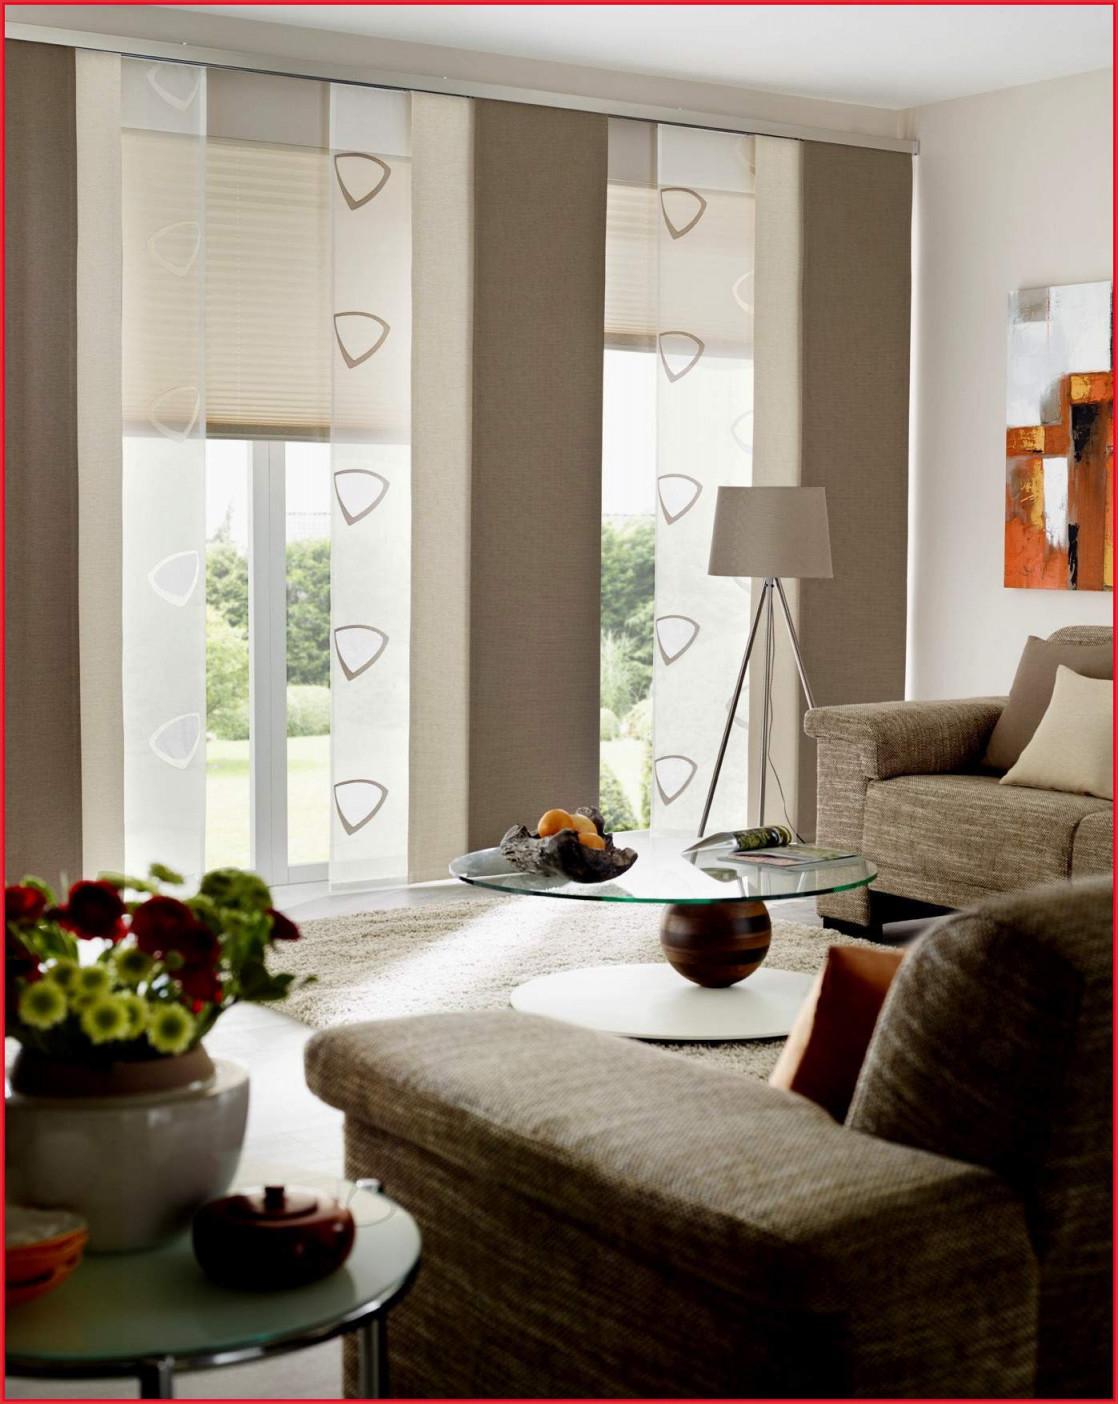 Wohnzimmer Gardinen Ideen Genial Wohnzimmer Fenster Gardinen von Gardinen Ideen Für Wohnzimmer Fenster Bild